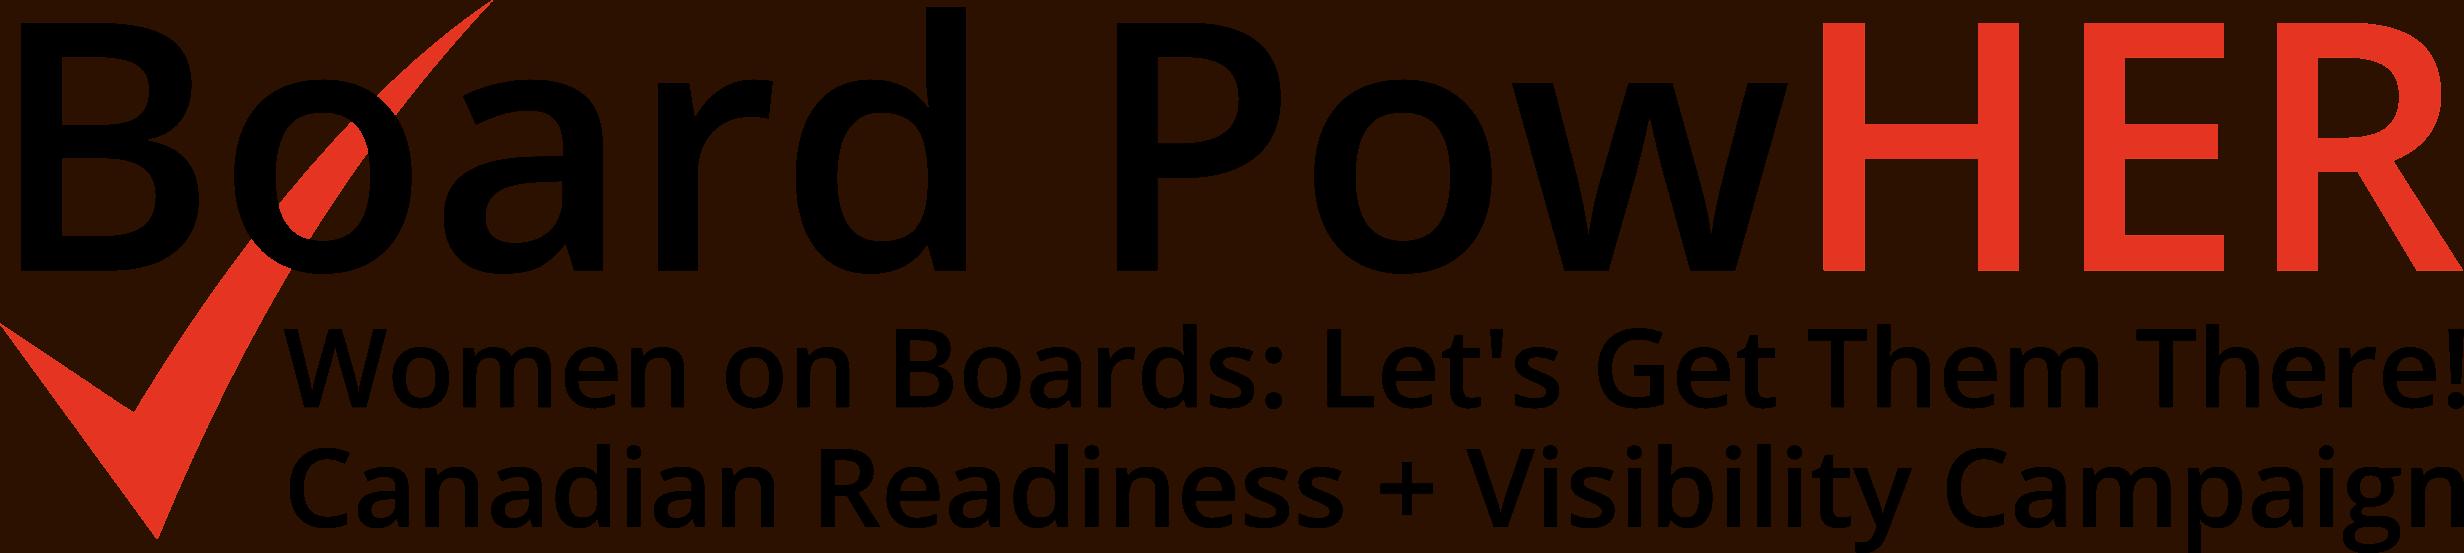 Board PowHER logo